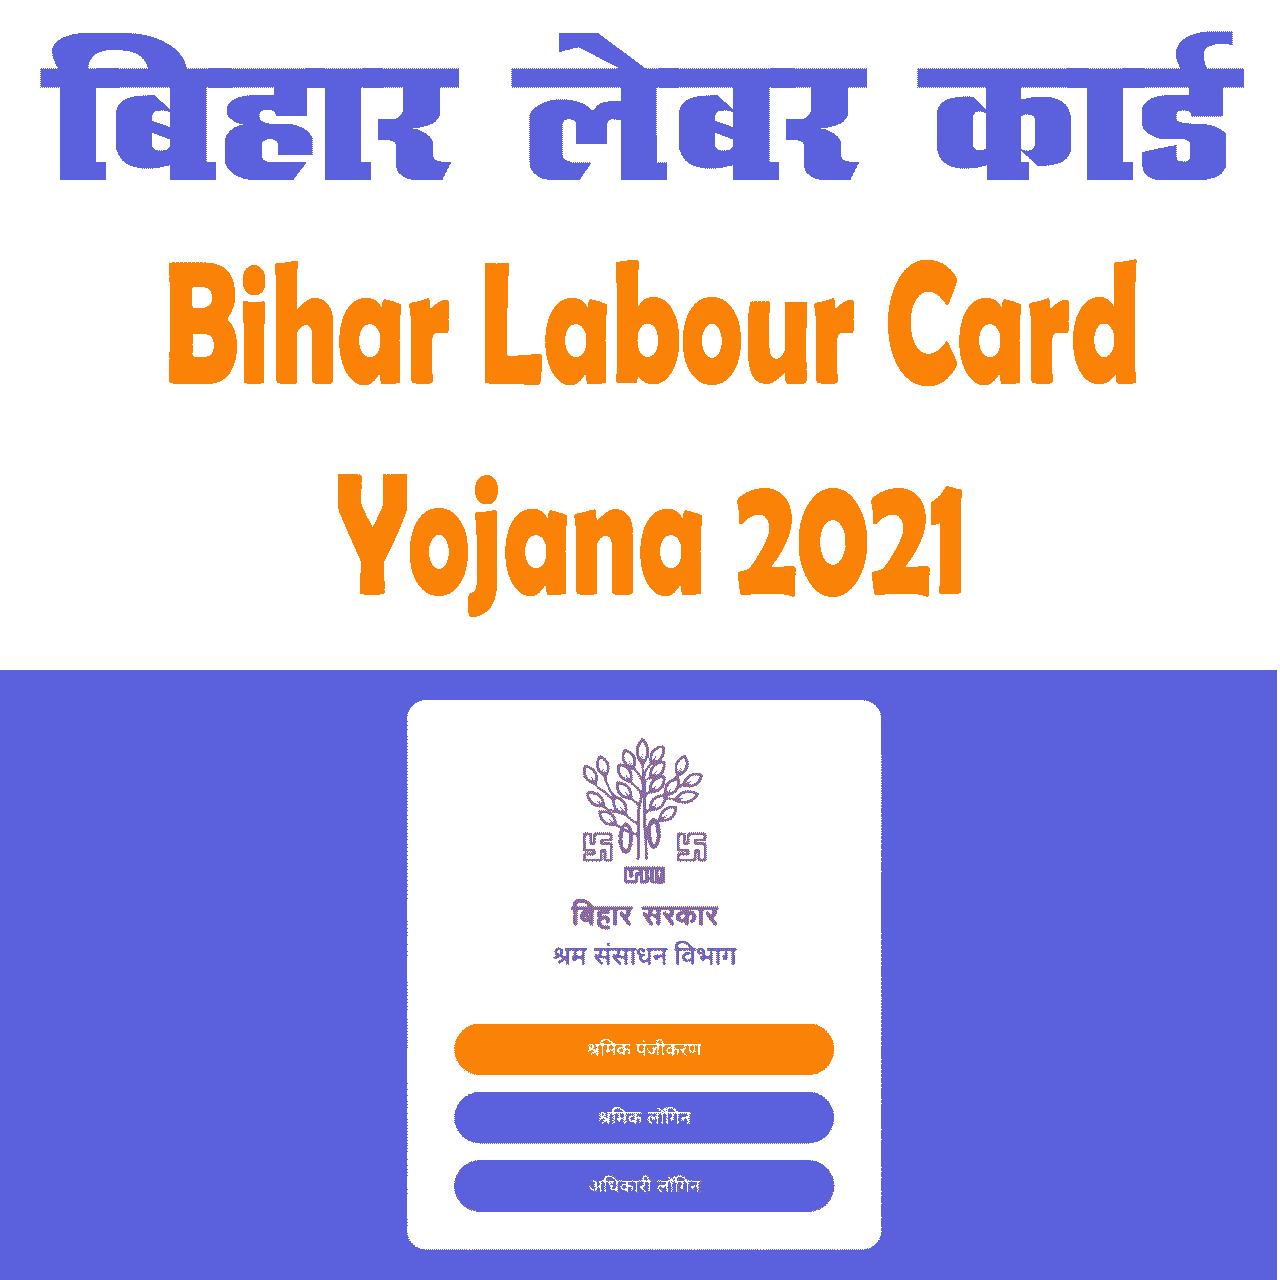 Bihar Labour Card Yojana 2021